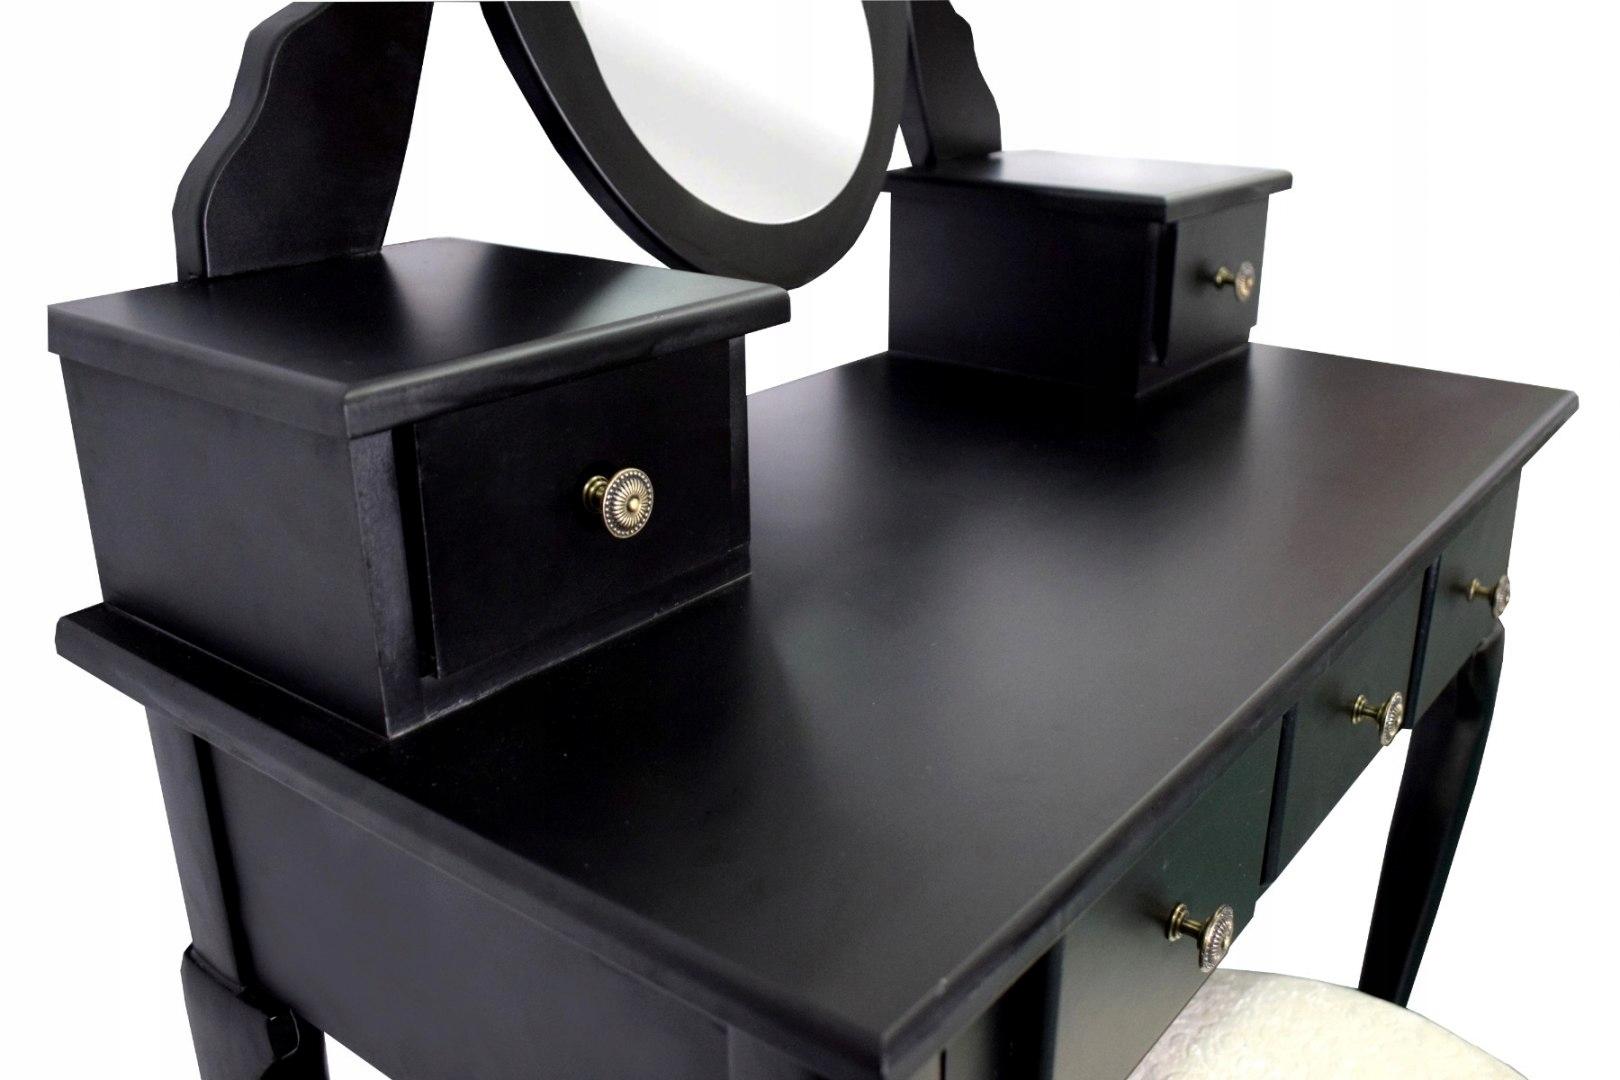 Косметический комод ЧЕРНЫЙ Зеркало большое Табурет Цвет мебели черный